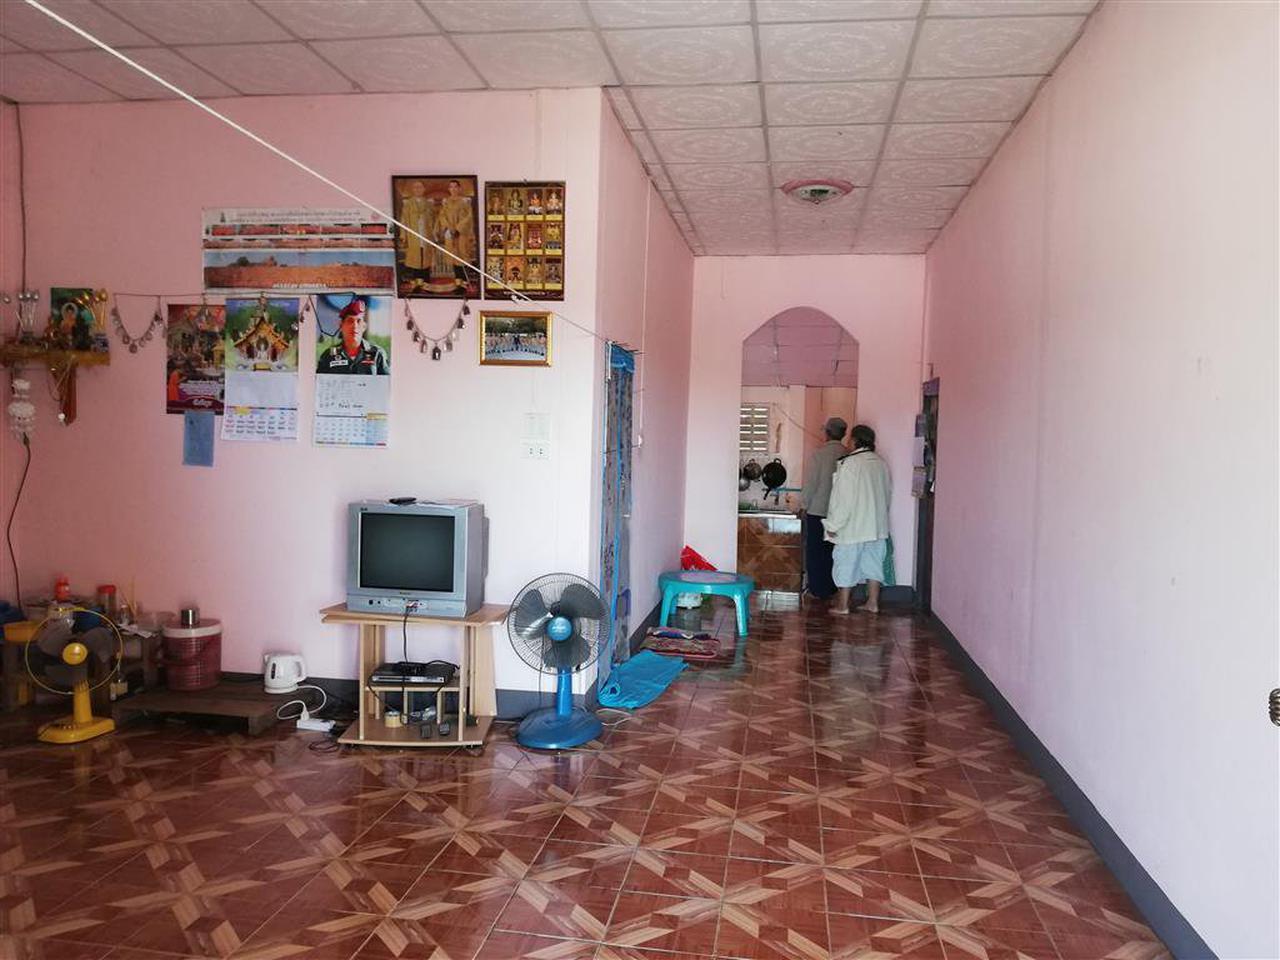 SS156ขายบ้านชั้นเดียวพร้อมที่ดิน0-2-09ไร่ติดทางสาธารณประโยชน รูปที่ 2